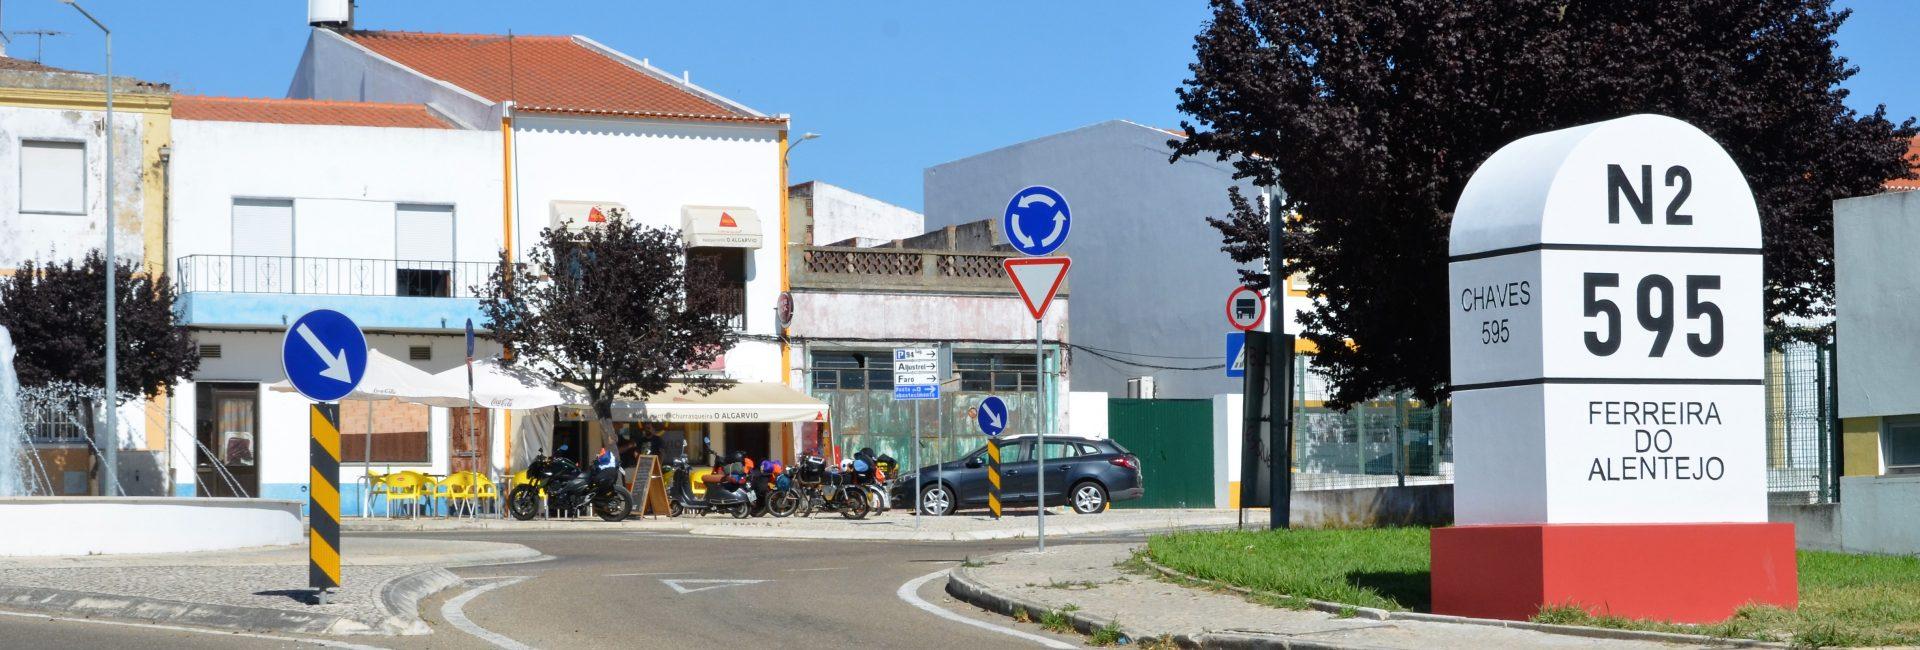 (Português) Estrada Nacional 2 | Quilómetro 595